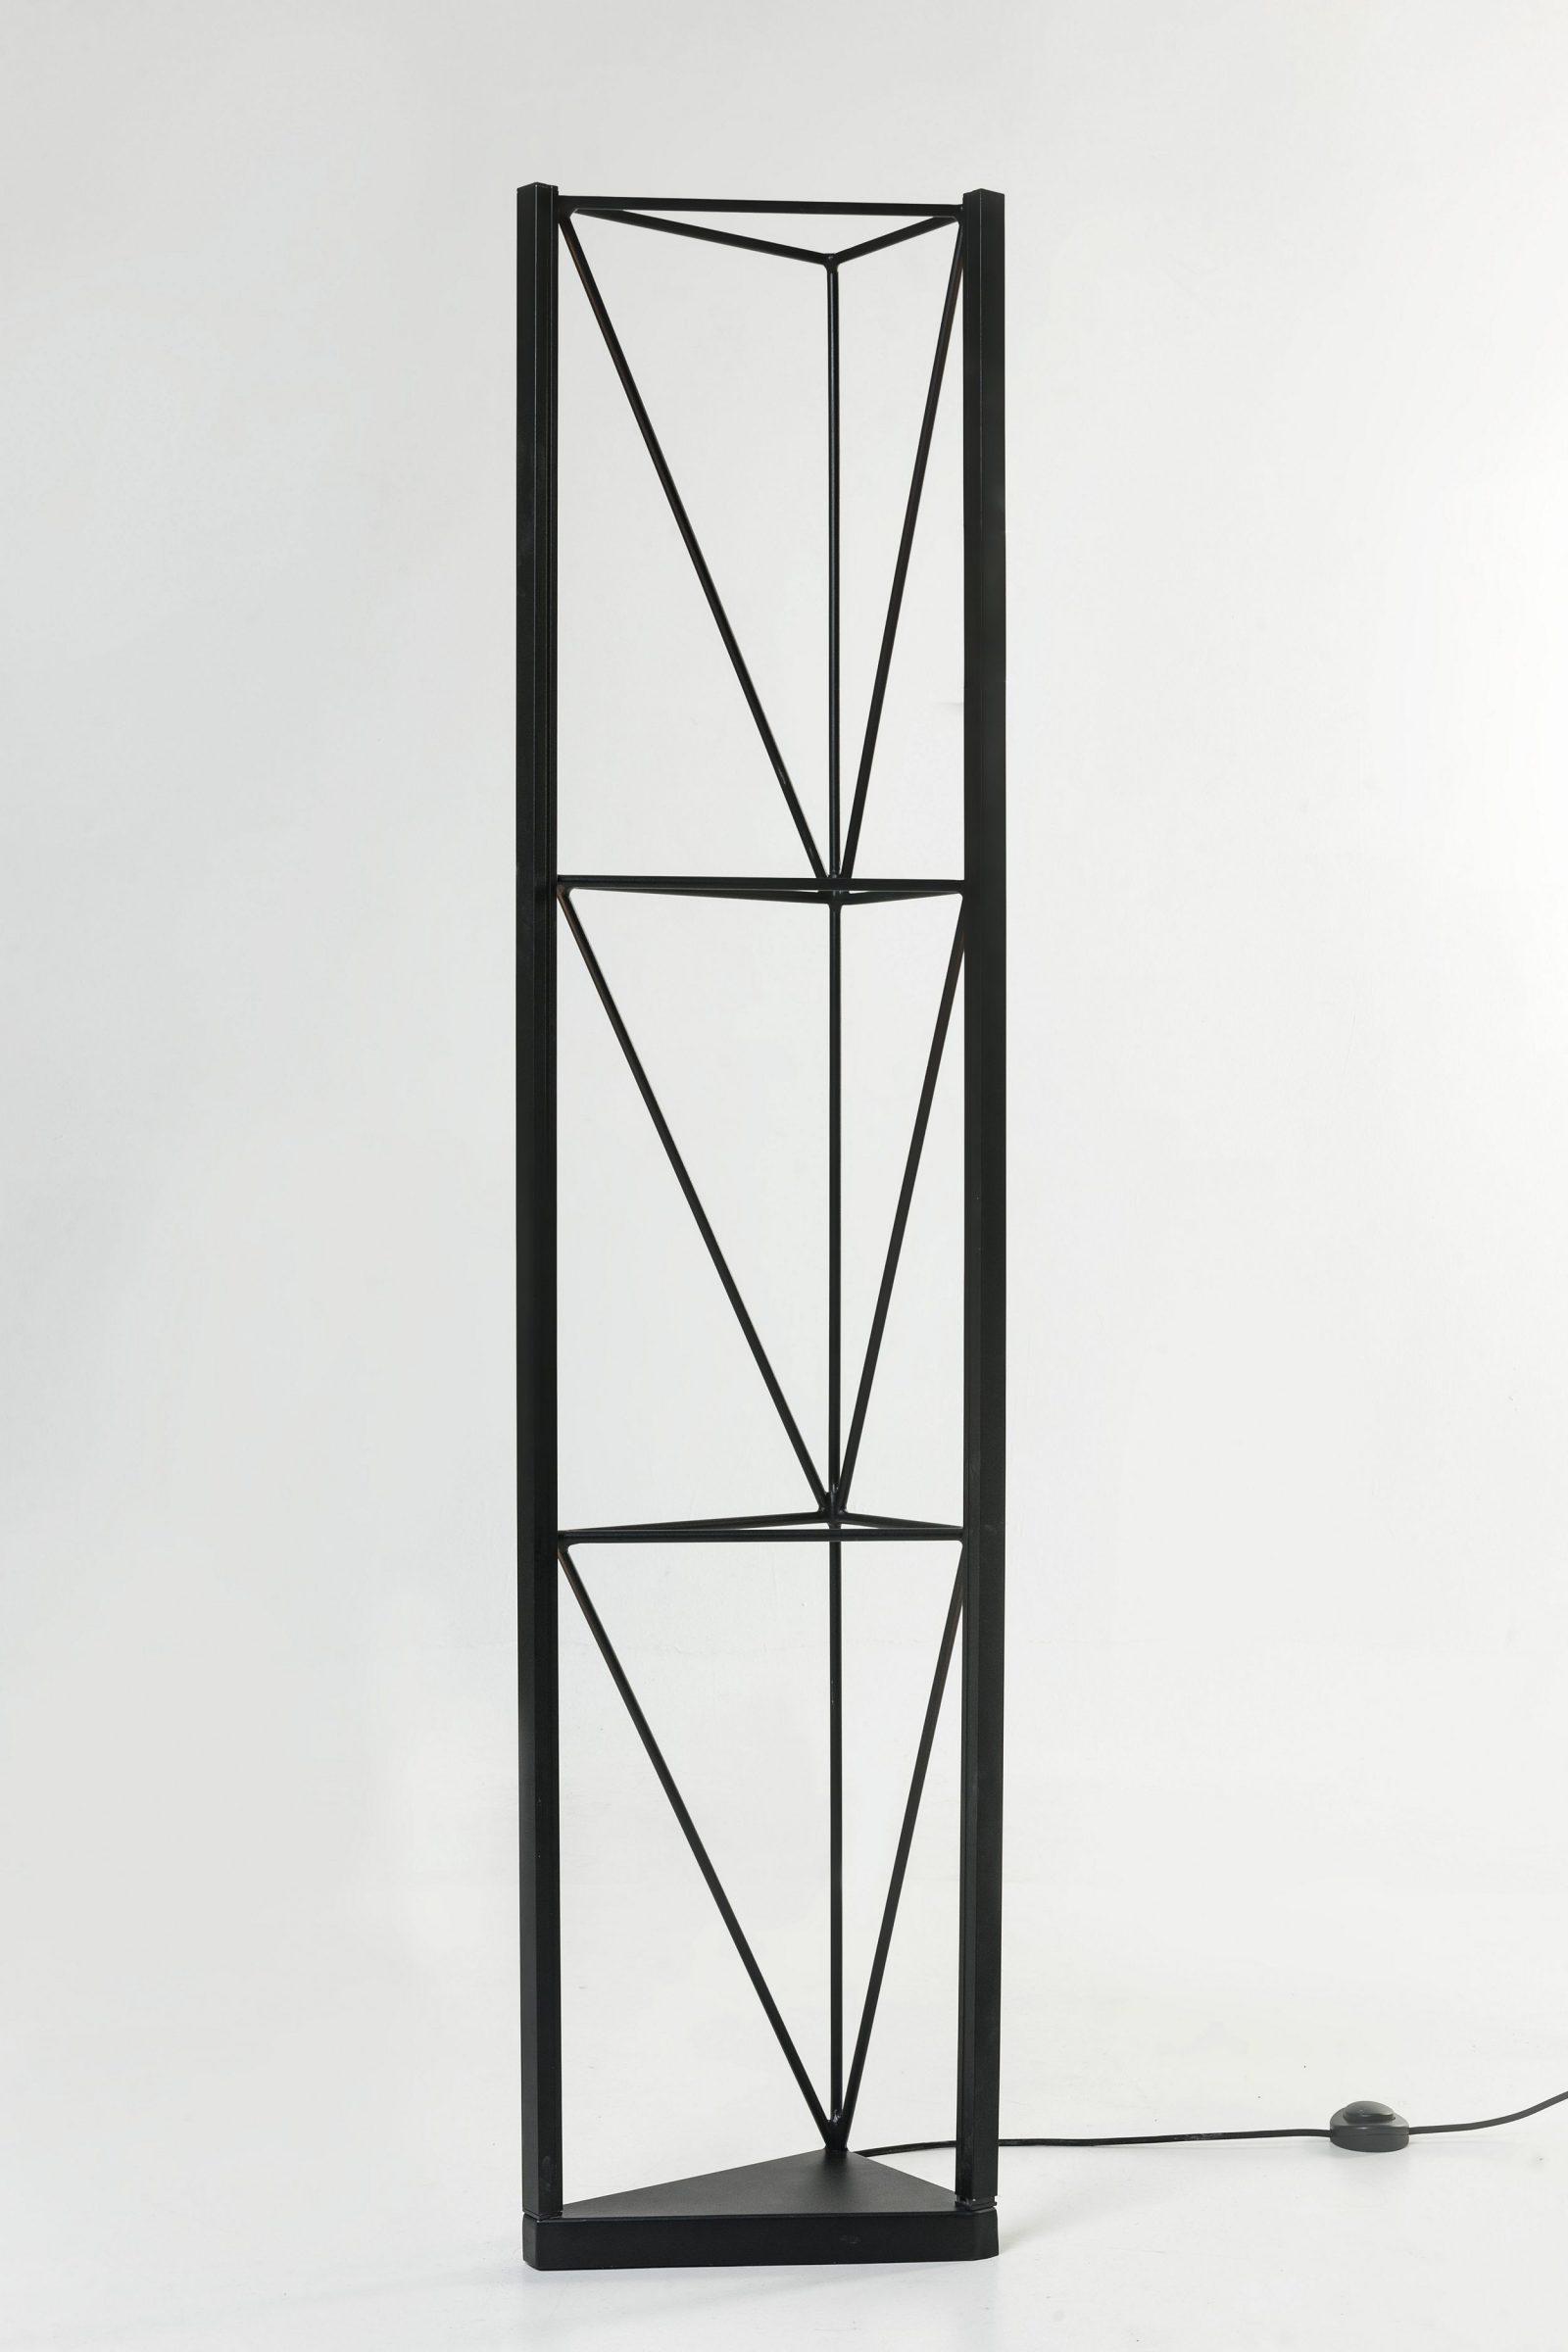 Luminária Diagonal de Piso